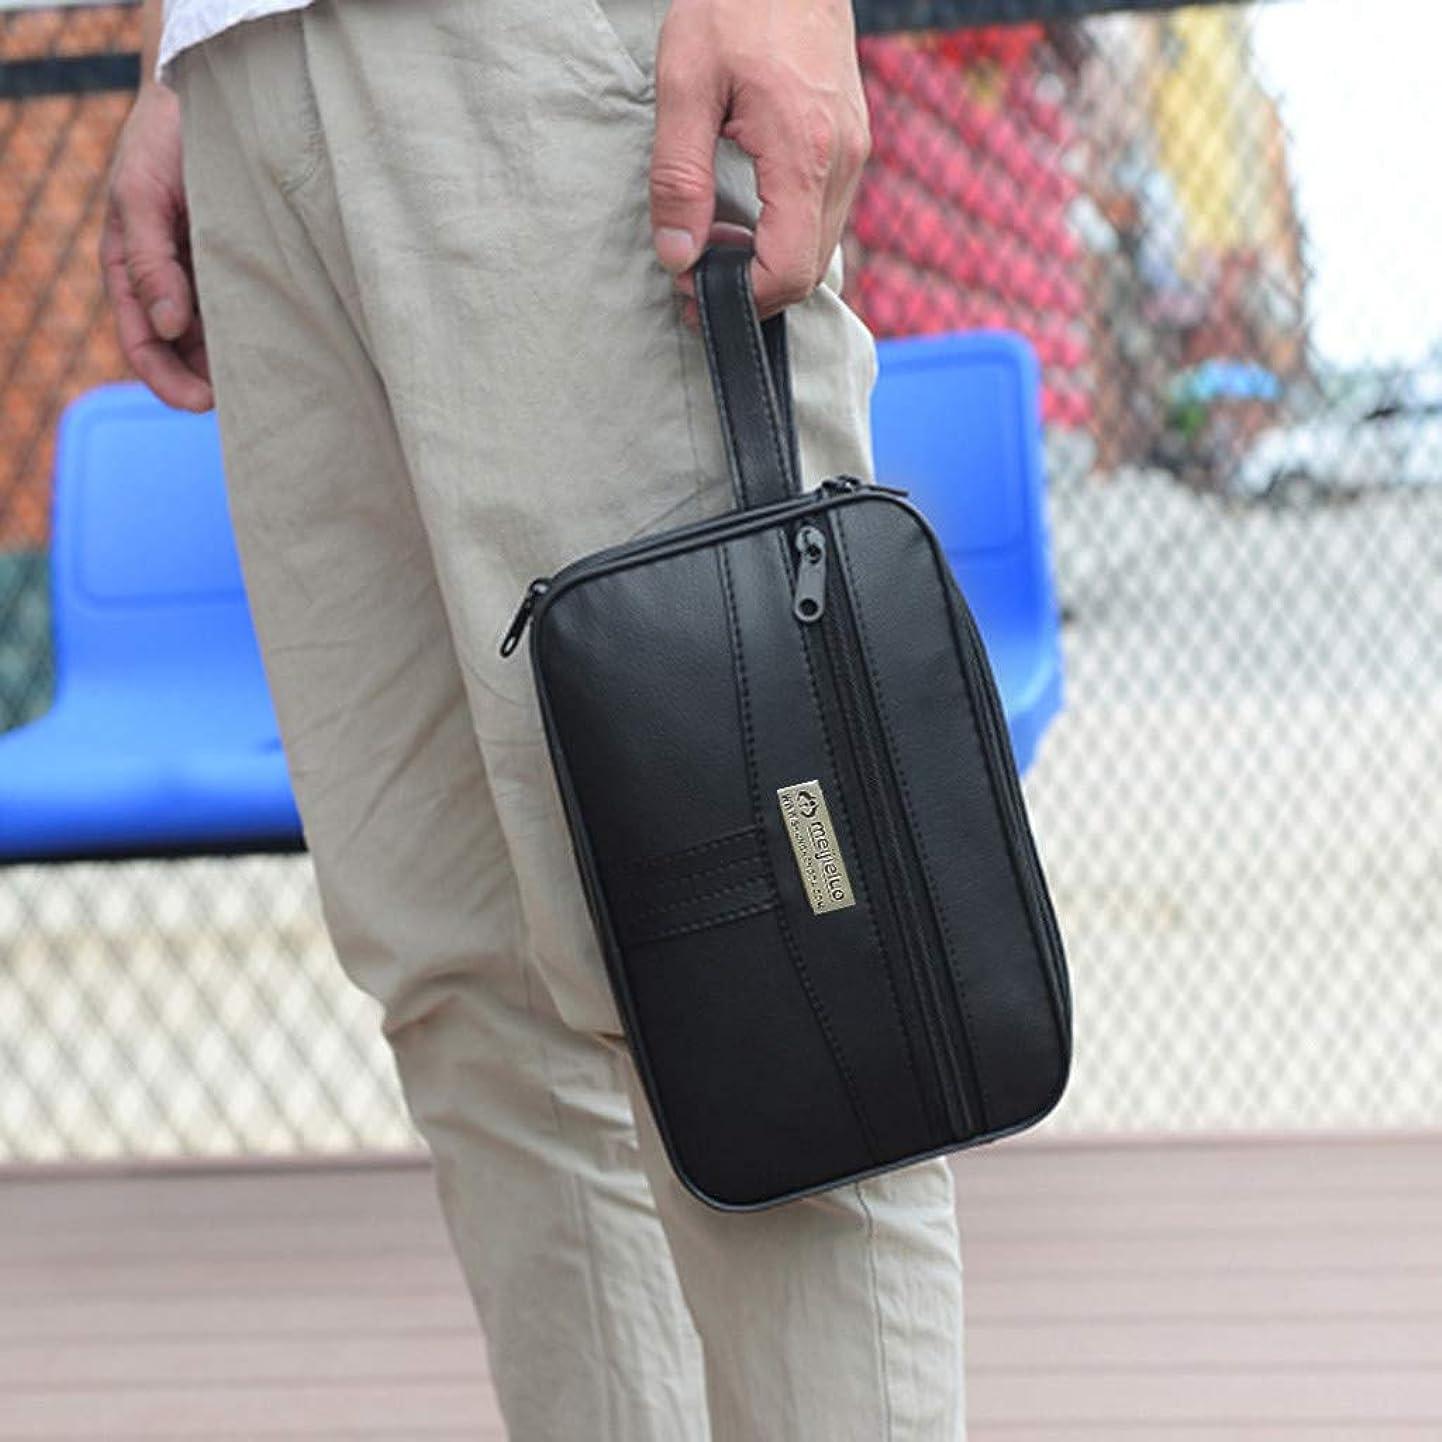 計算可能わずかにパトワメンズクラッチバッグ財布カードパッケージ メンズカジュアルソリッド多機能ハンドバッグカジュアルトートジッパーバッグ財布カードバッグ (ブラック)